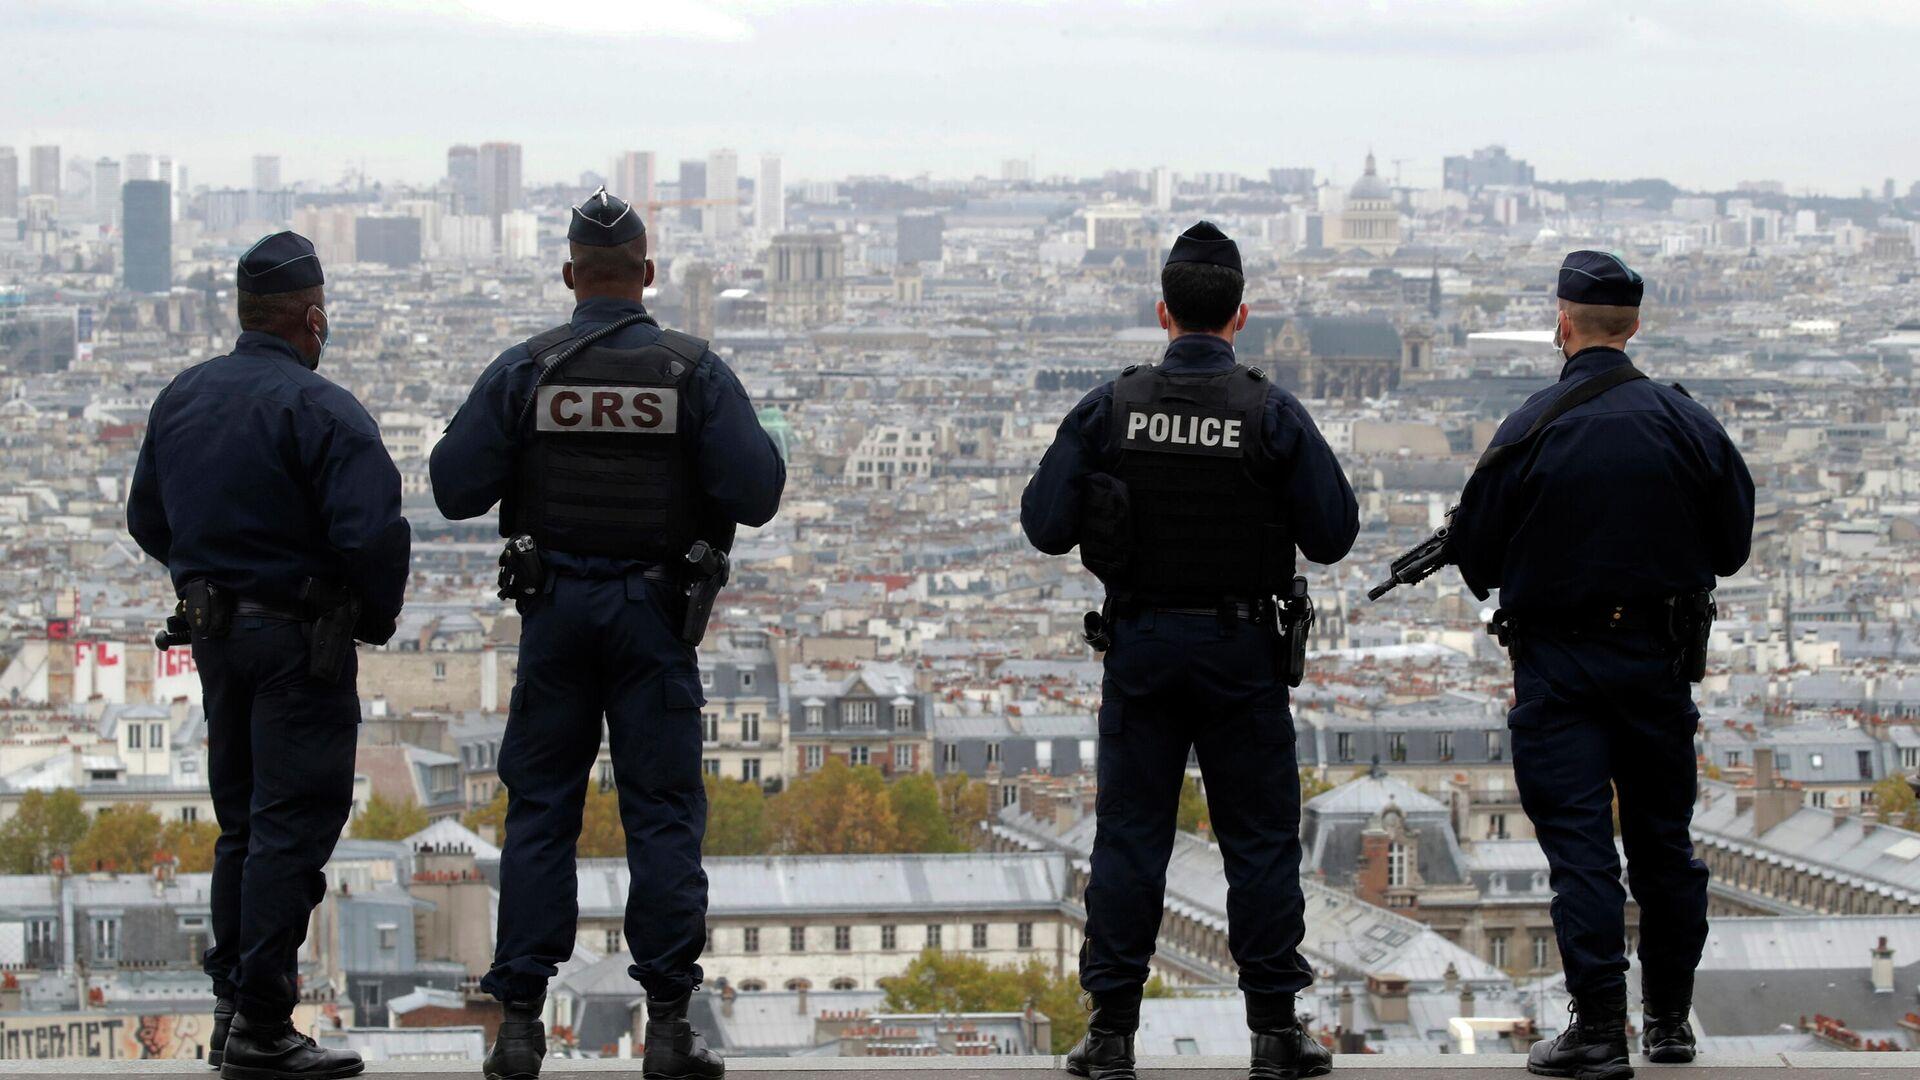 Сотрудники полиции и спецслужб Франции в Париже - РИА Новости, 1920, 06.11.2020